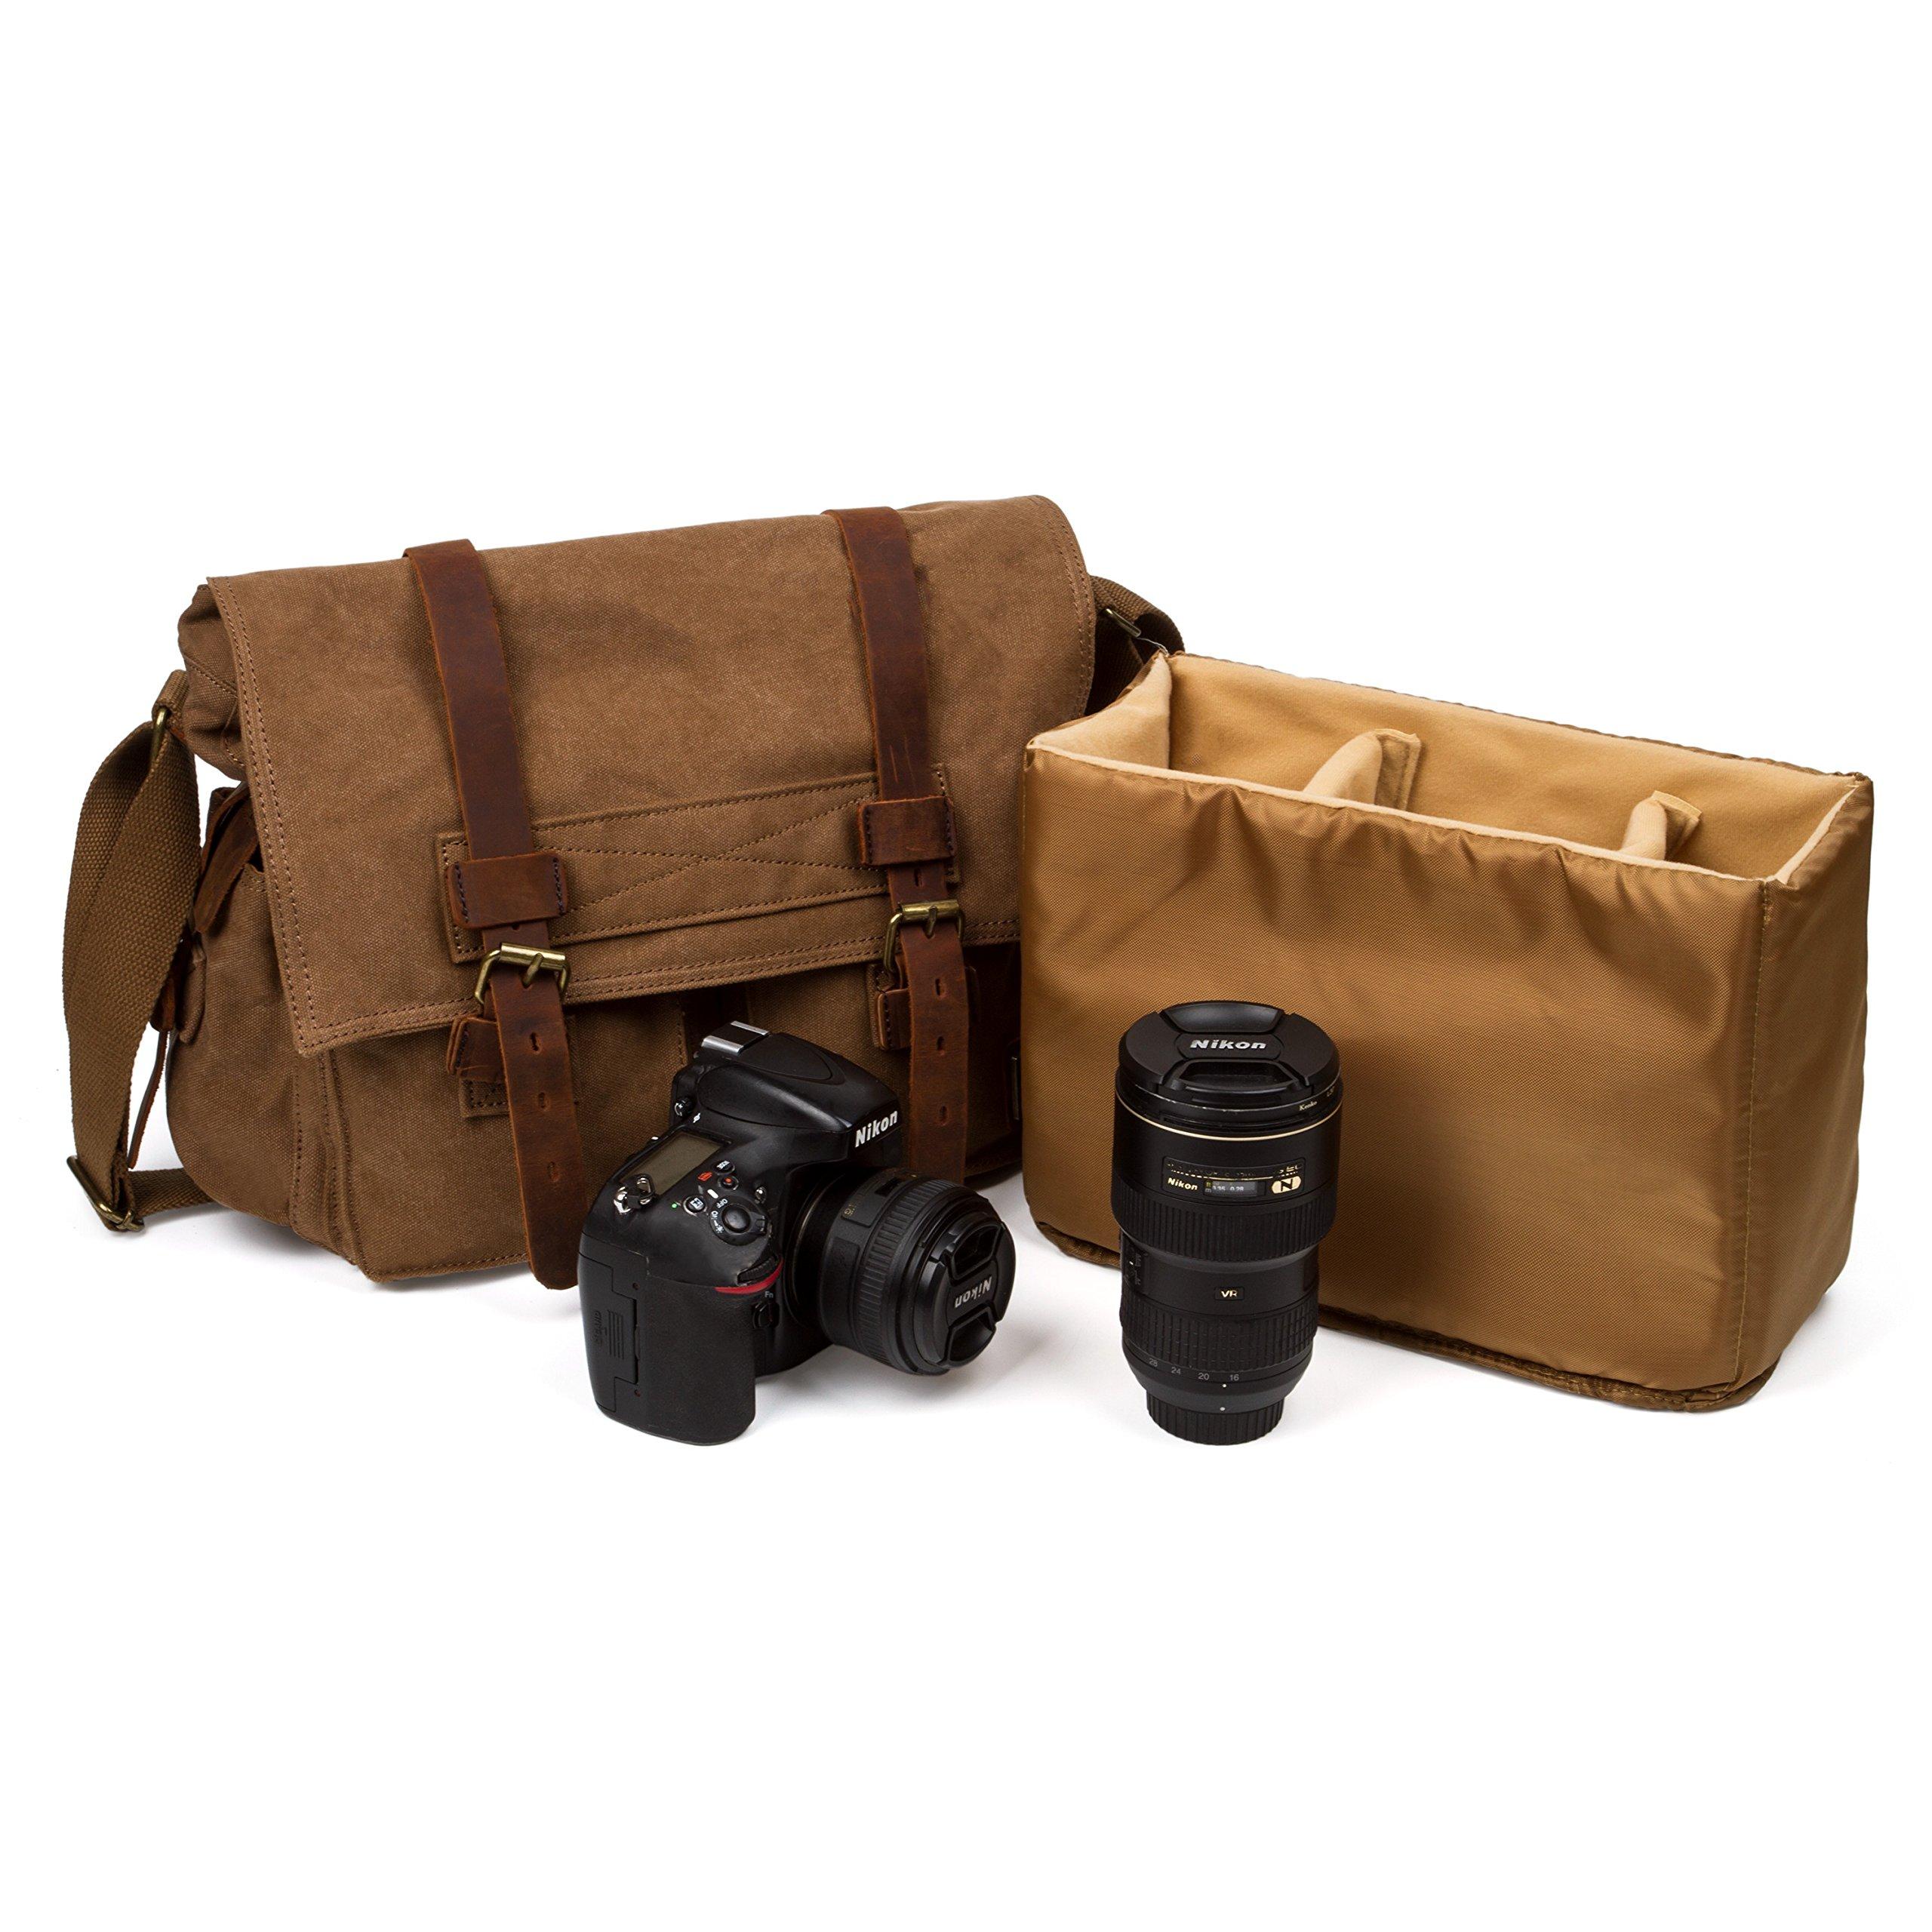 UBORSE Men's Vintage Canvas 15 Inch Laptop Bag Crossbody Single Shoulder DSLR SLR Camera Messenger Briefcase, Brown